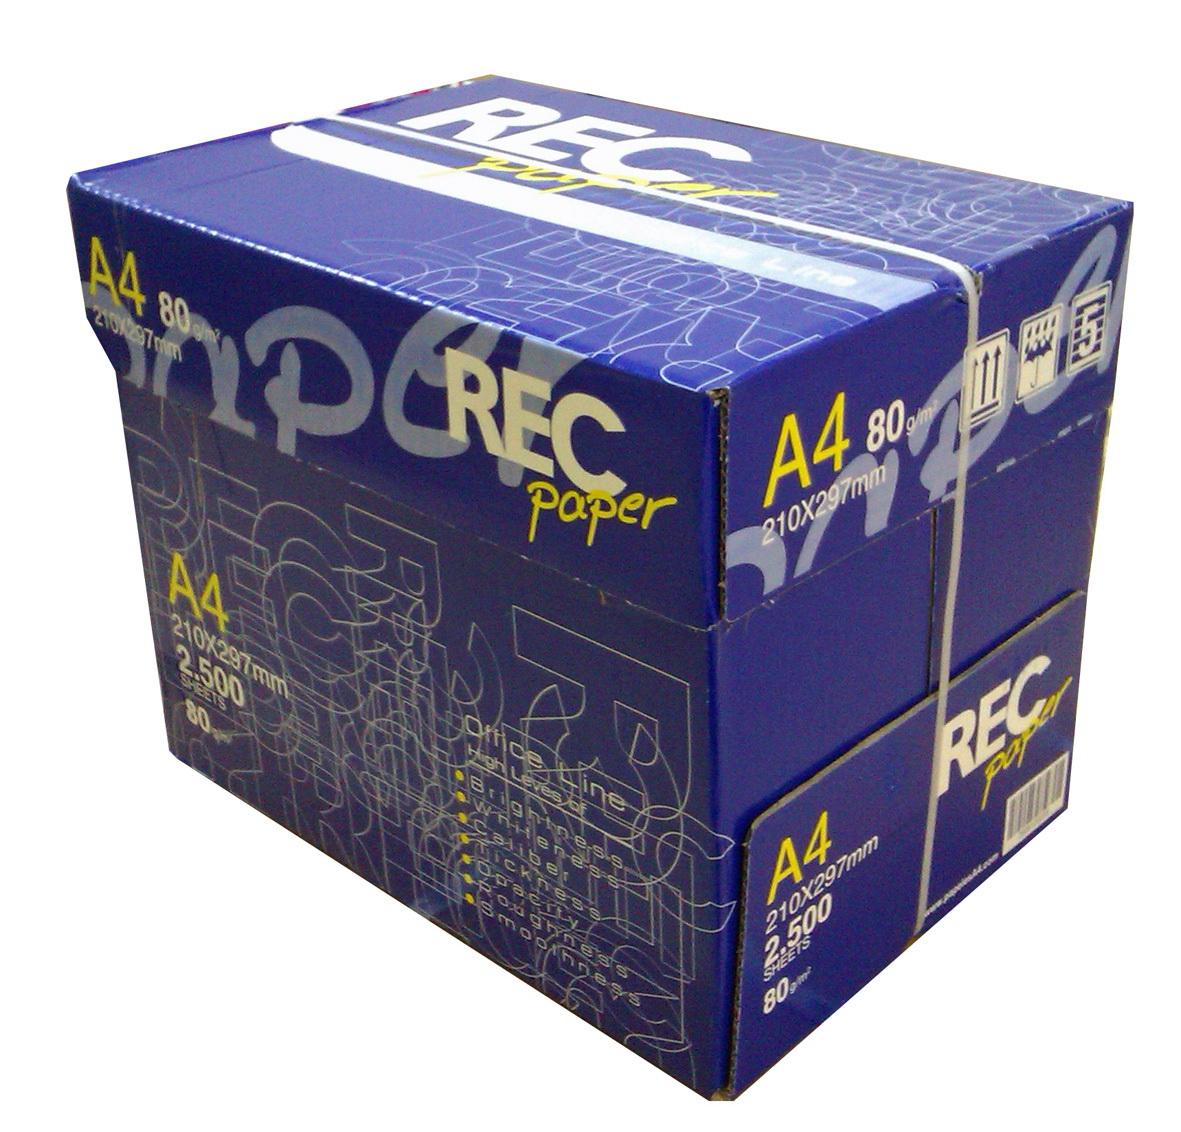 comprar palet papel a4 80 gramos fotocopiadora rec paper